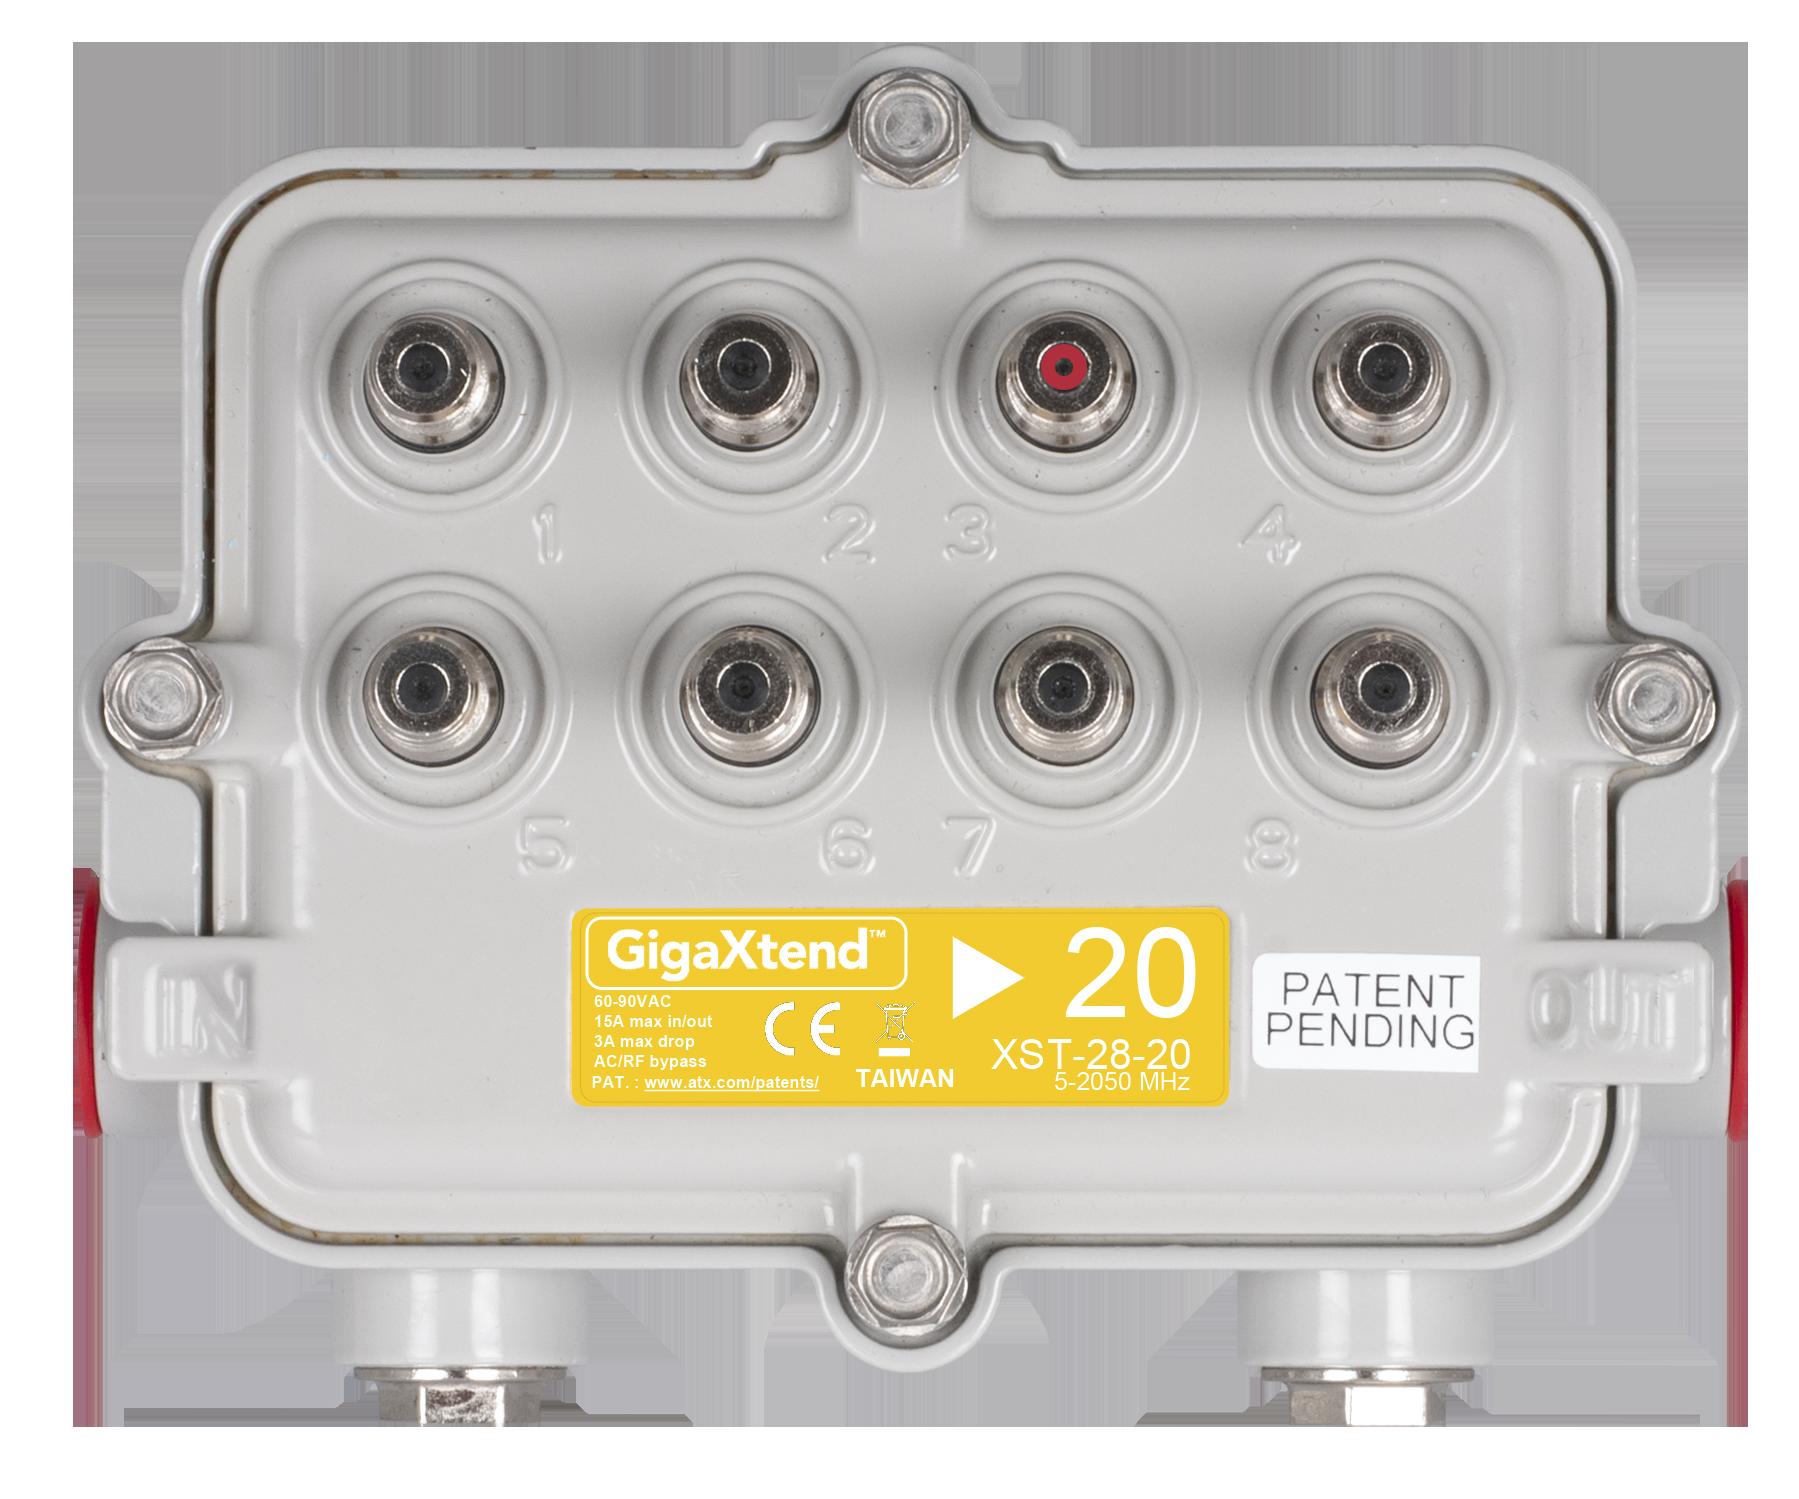 2GHz GigaXtend Hardline MultiPort Taps